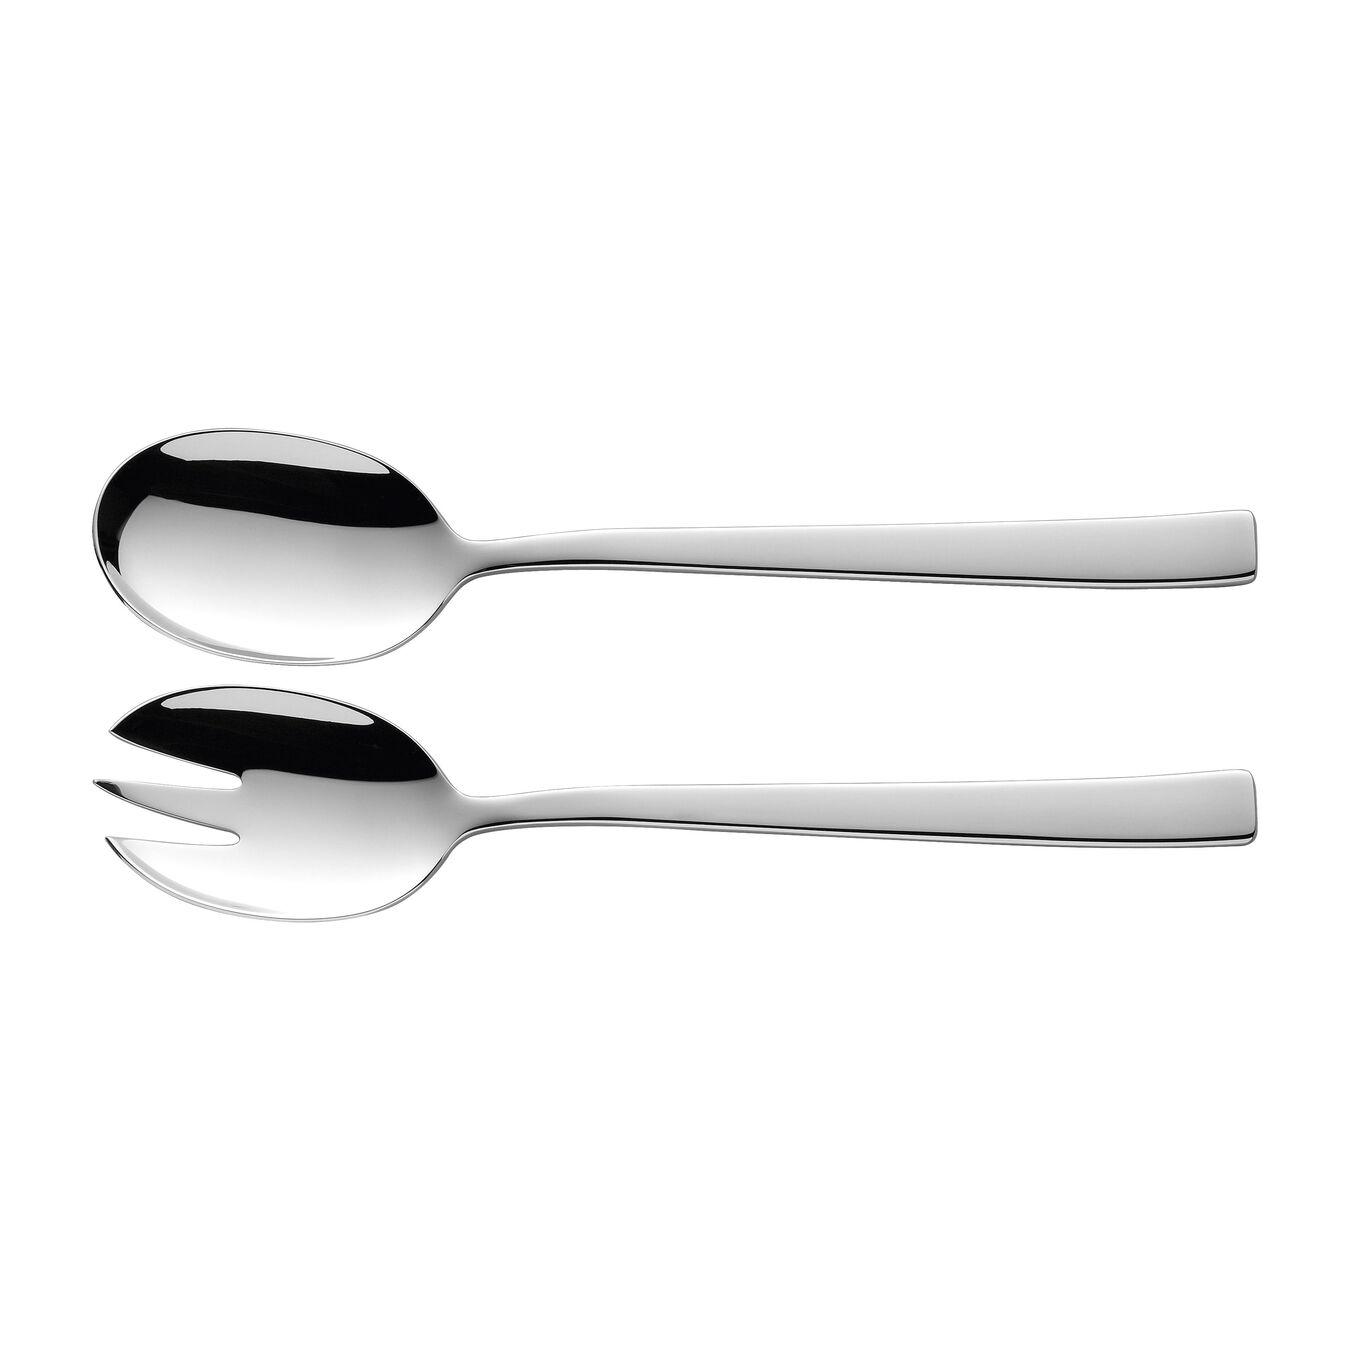 Set di posate da insalata - 2-pz., acciaio,,large 1